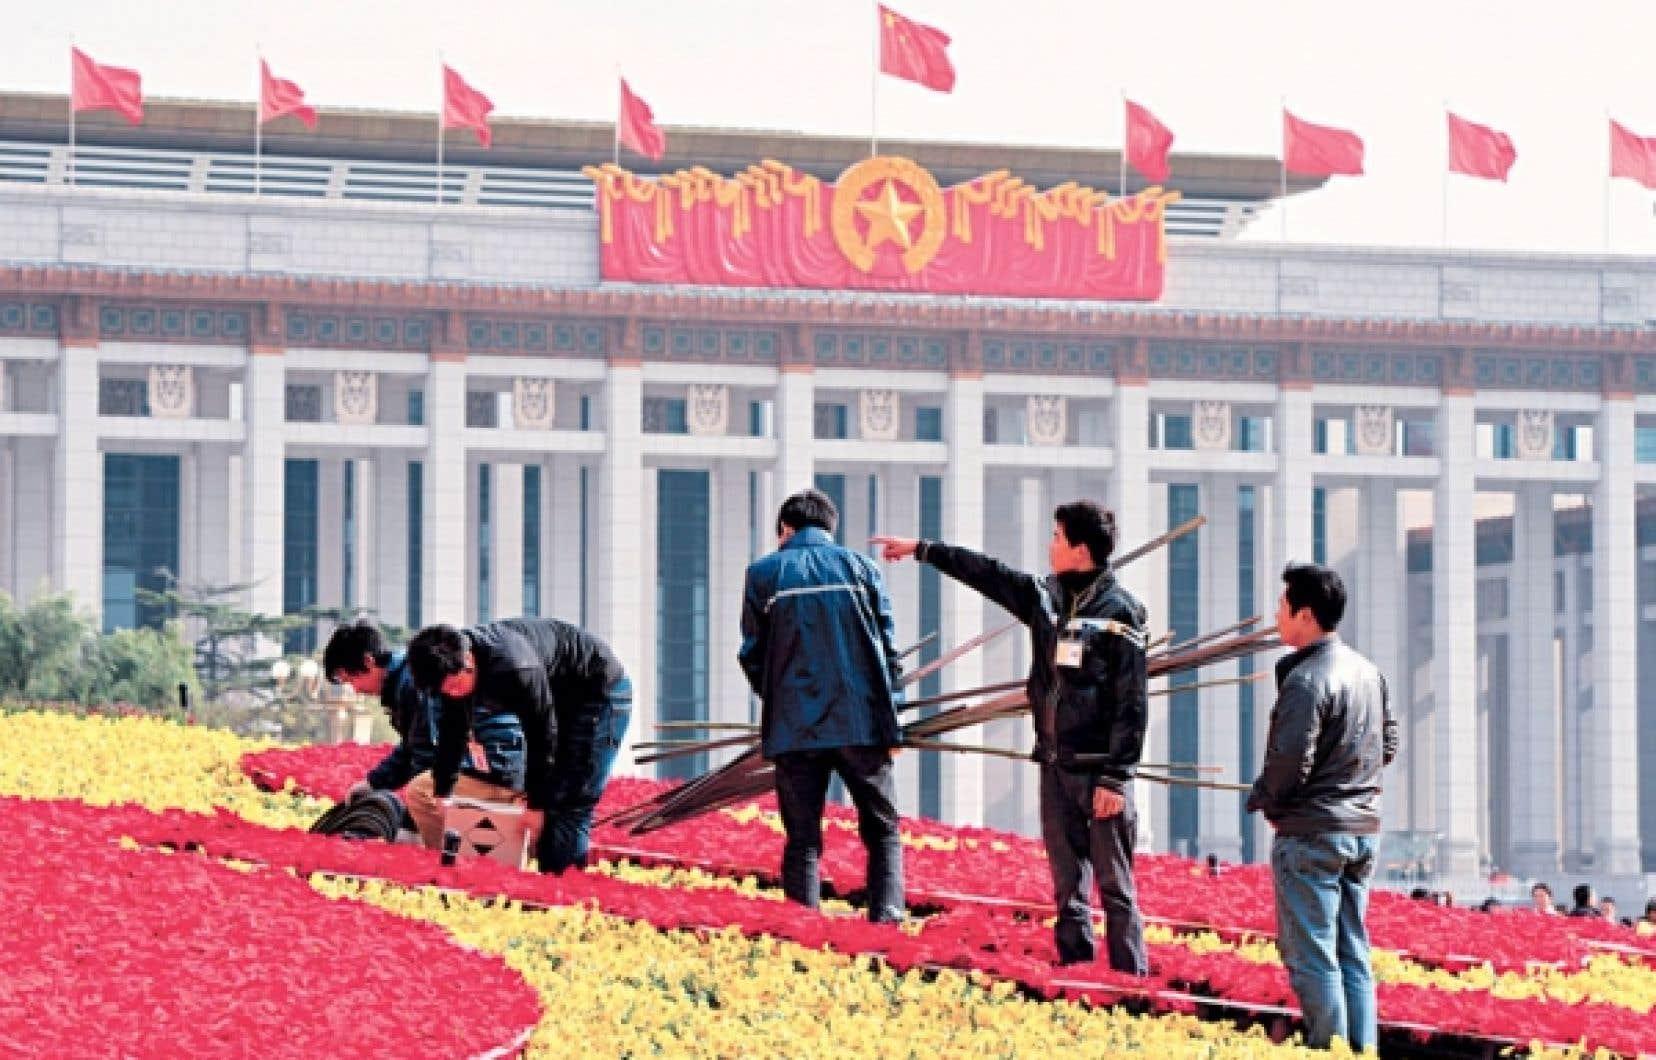 Les préparatifs allaient bon train hier sur la place Tiananmen avant l'ouverture du congrès du Parti communiste chinois.